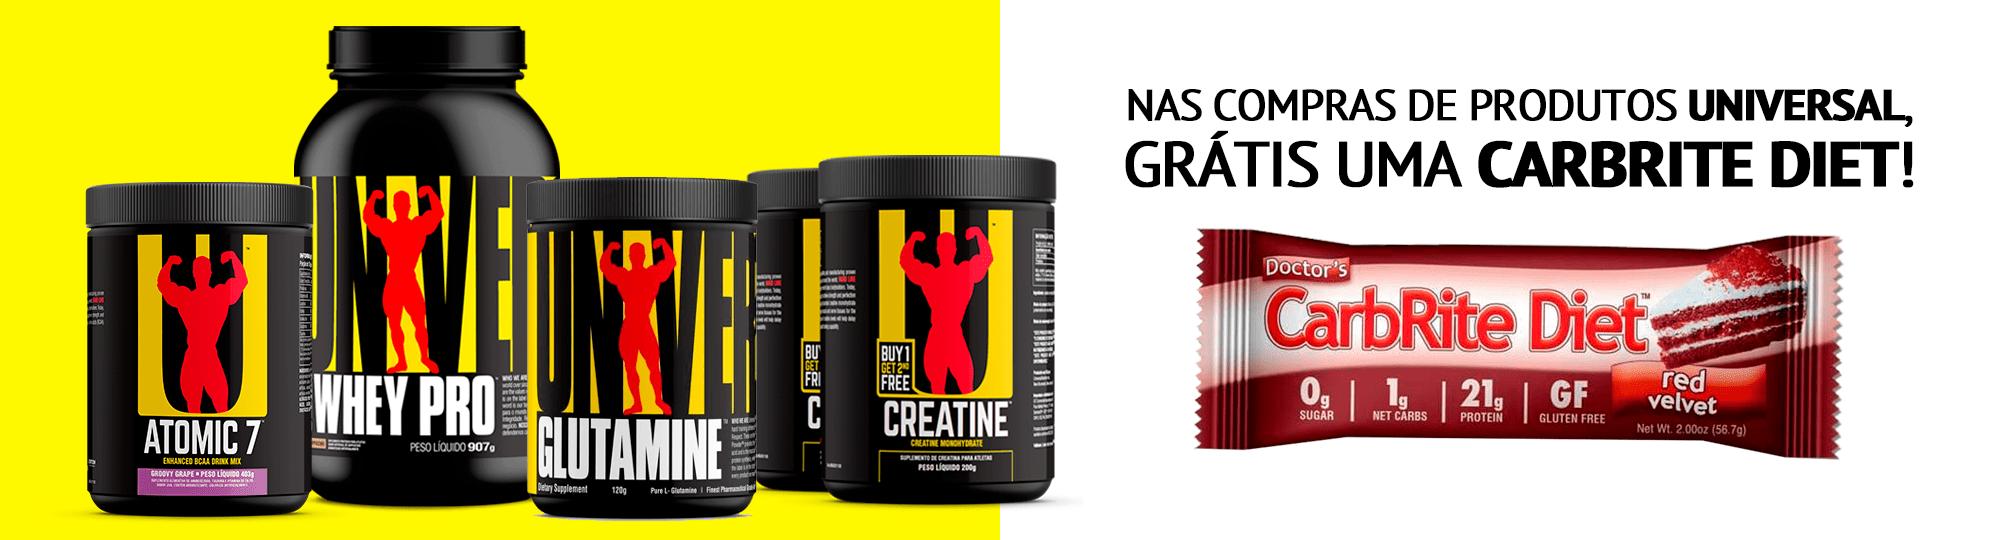 Na compra de qualquer produto Universal, GRÁTIS 1 Carbrite Diet!